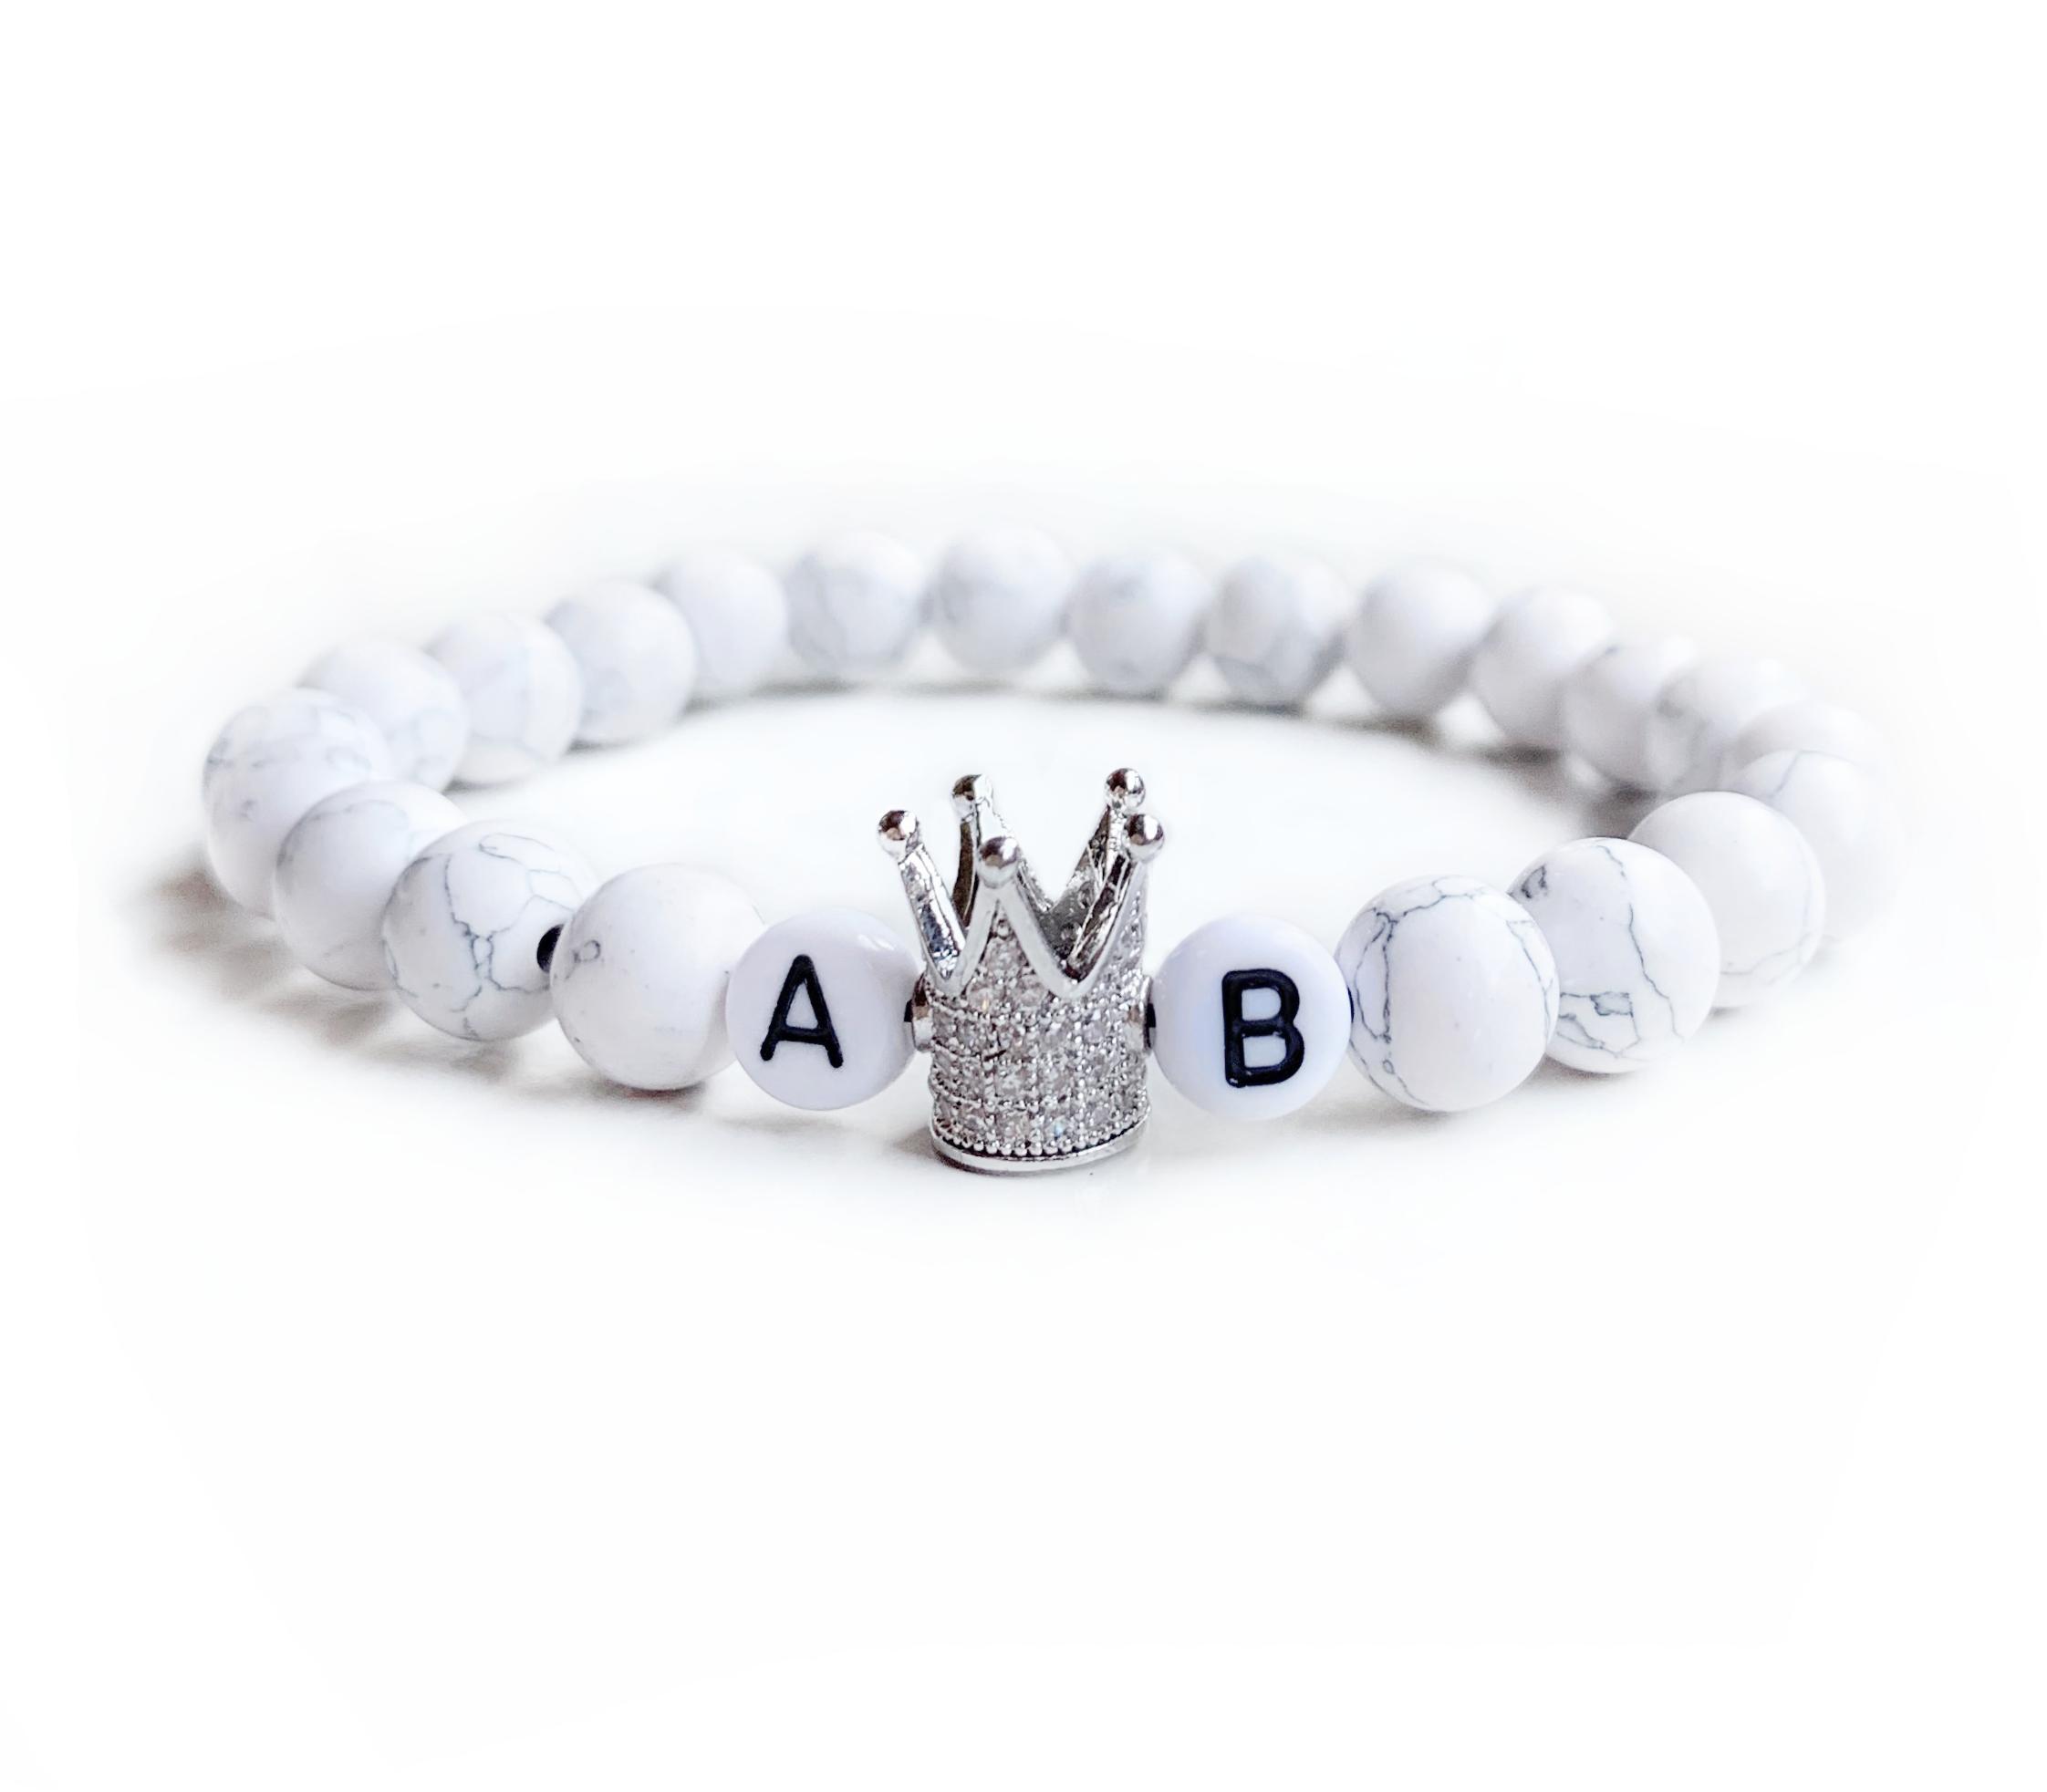 Biely mramorovaný s iniciály a striebornou korunou